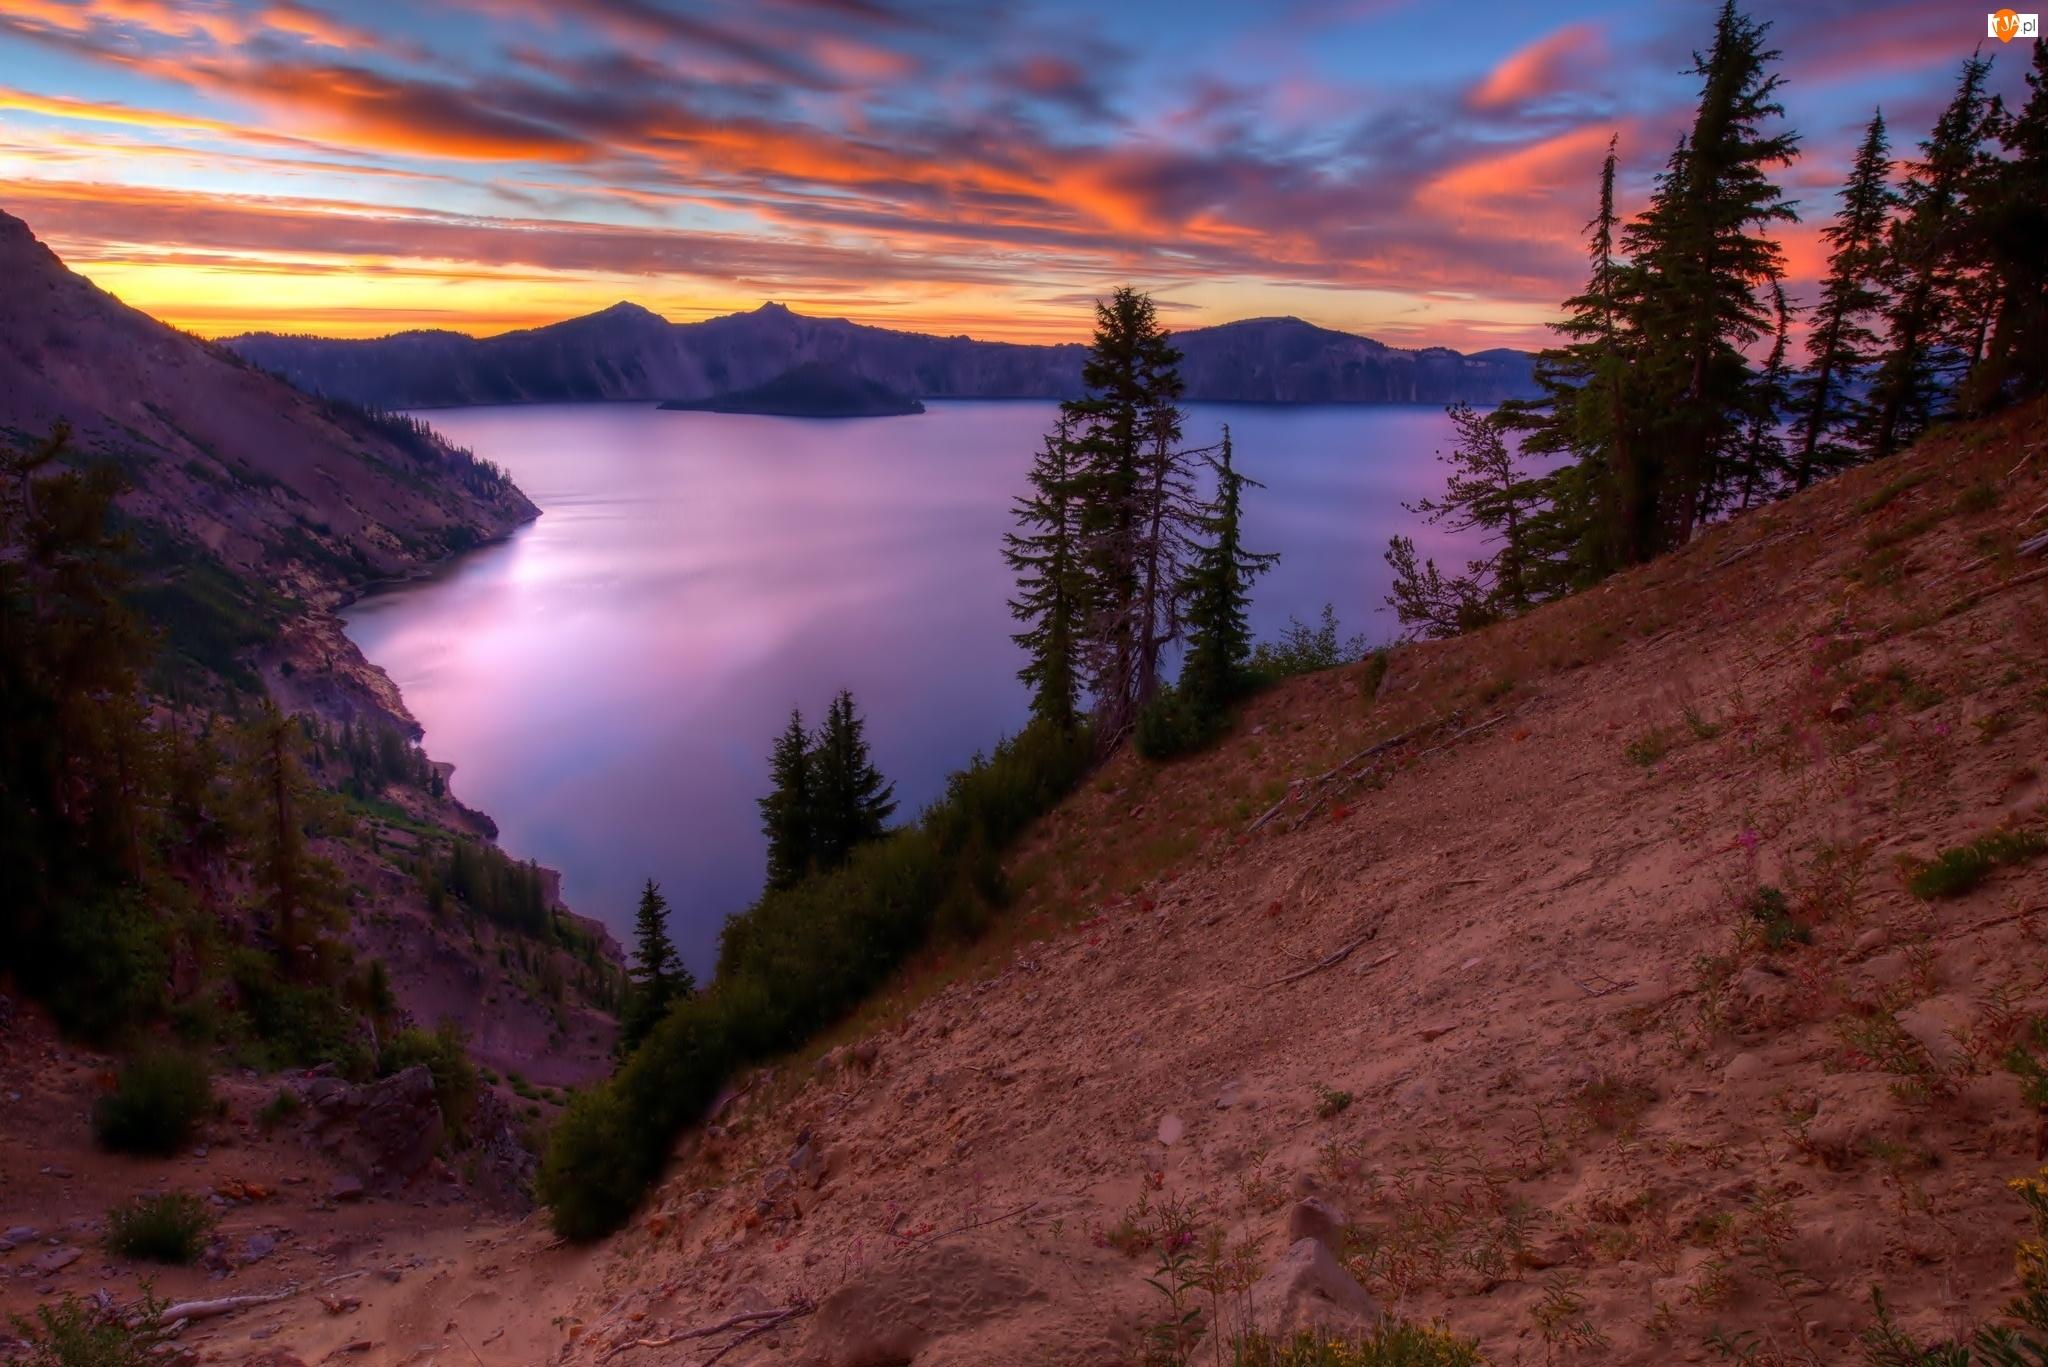 Góry, Drzewa, Jezioro, Świt